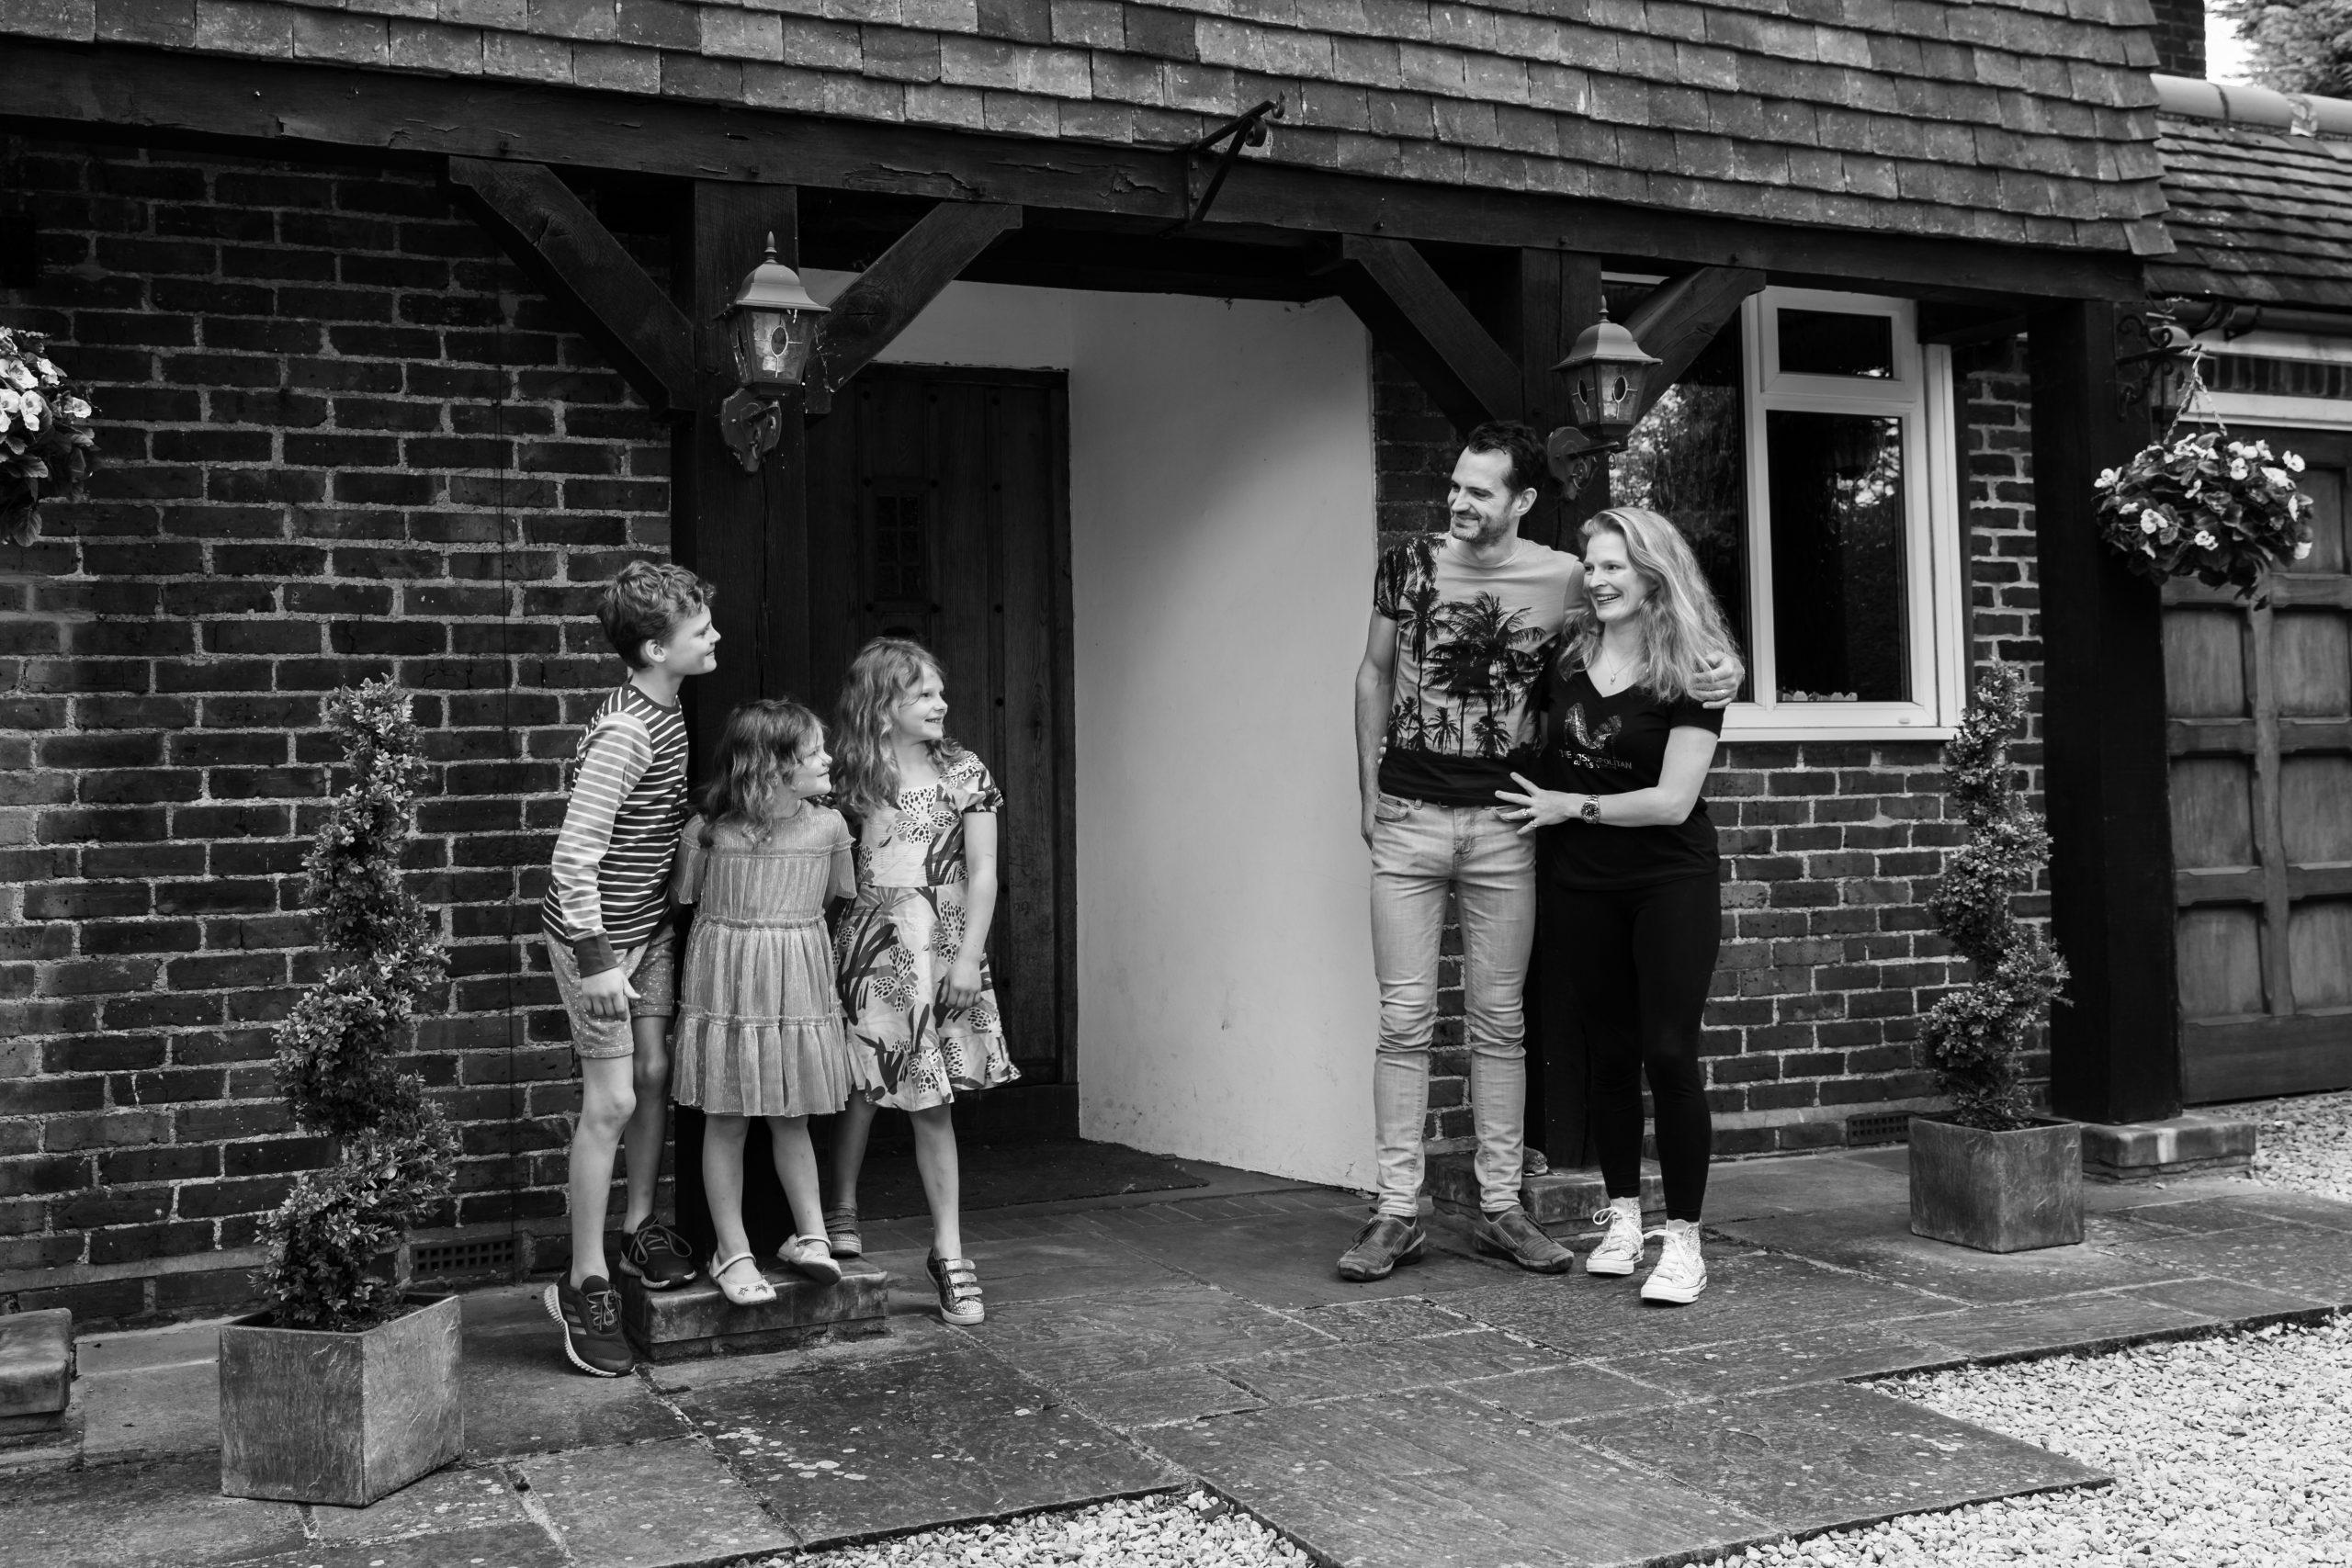 weybridge family photography, lockdown photographer